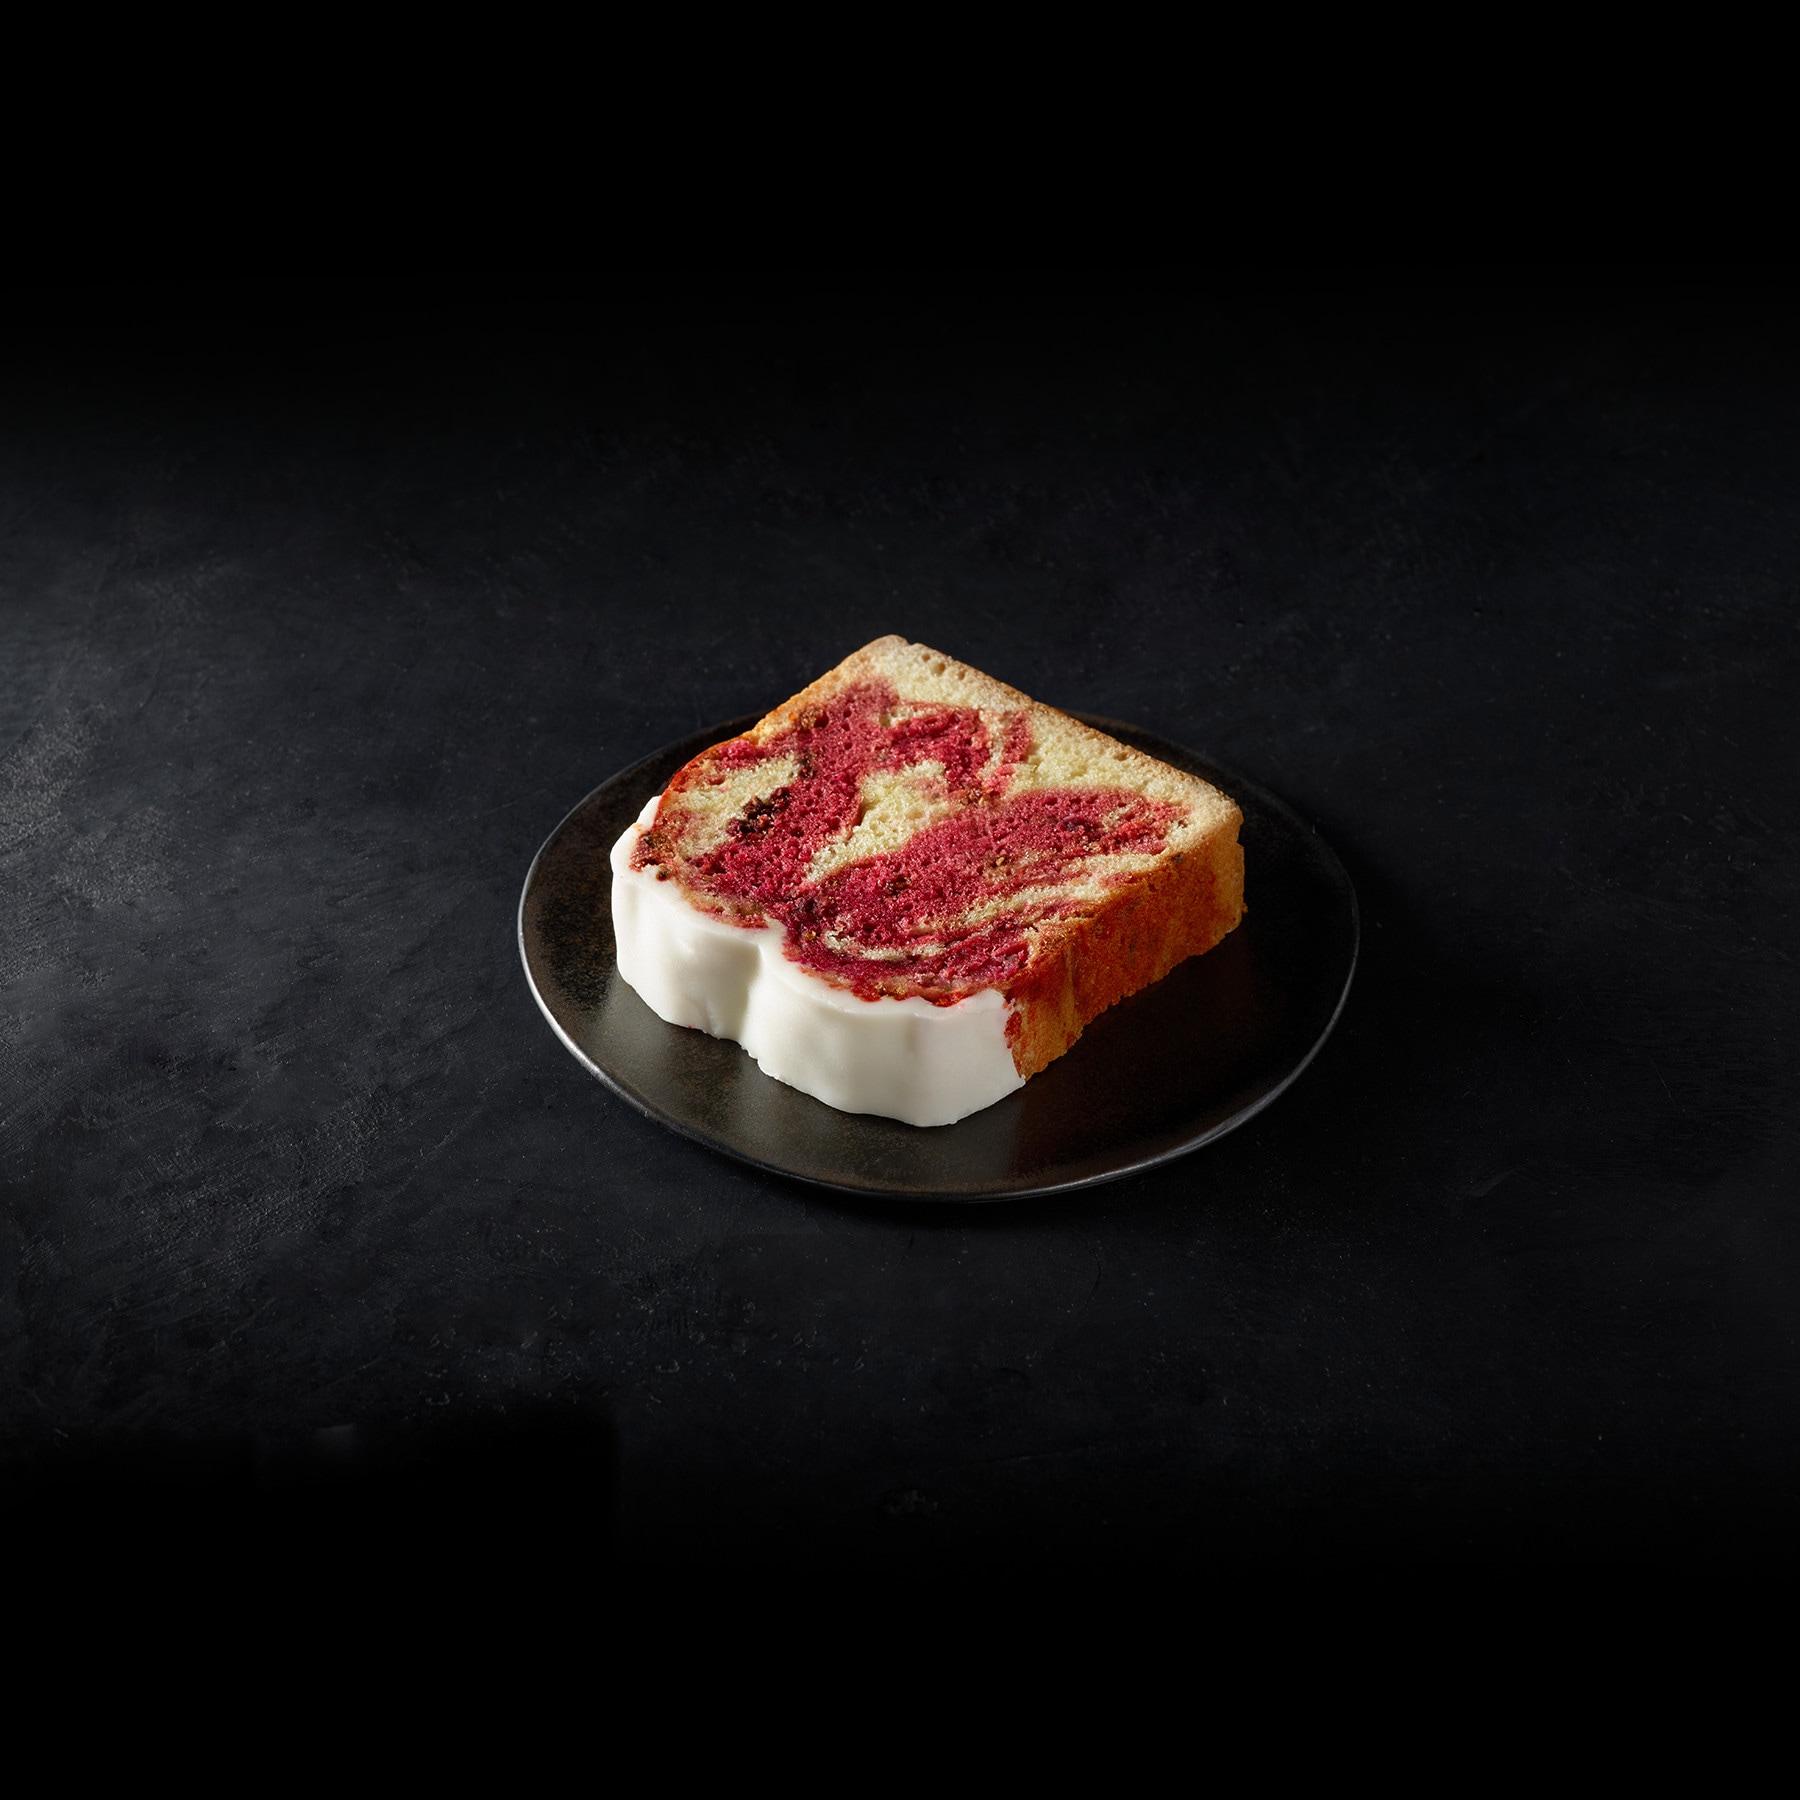 Raspberry Swirl Loaf Cake